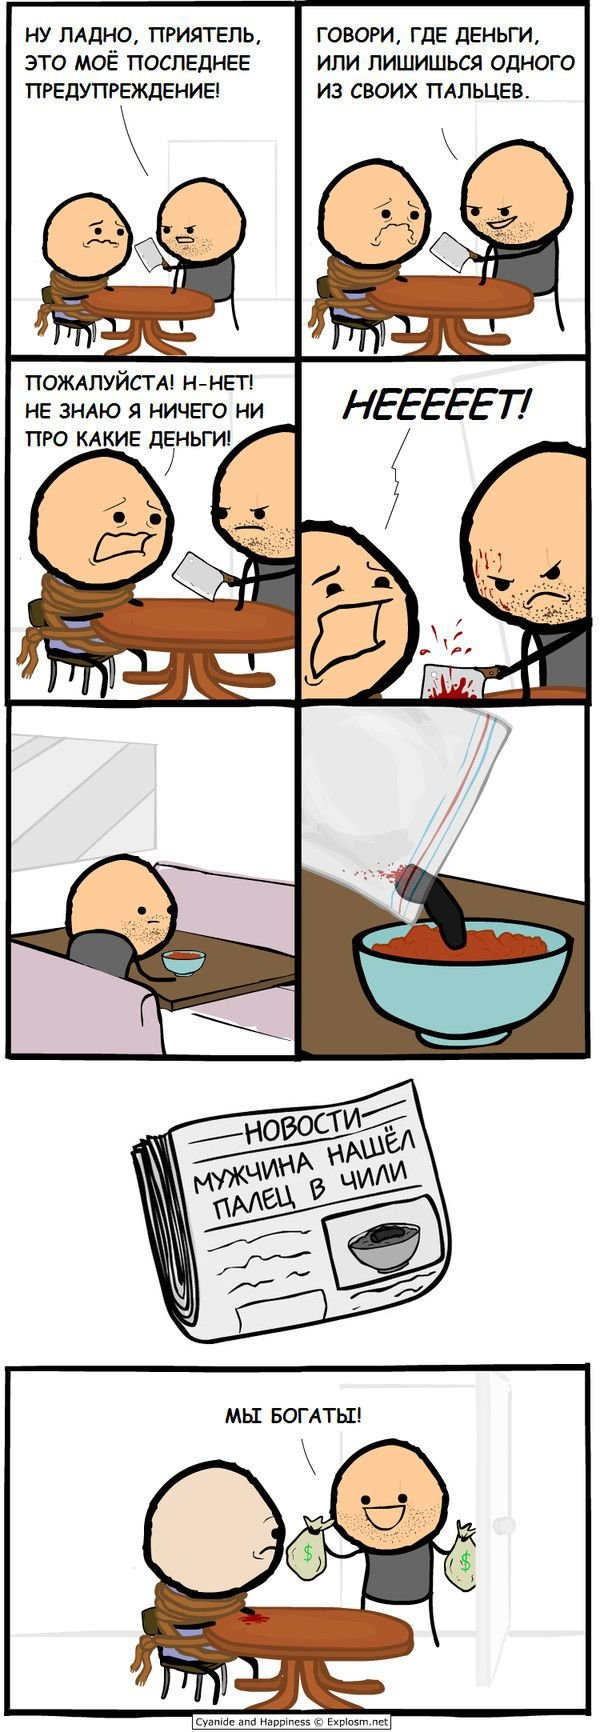 Весёлые комиксы для хорошего настроения